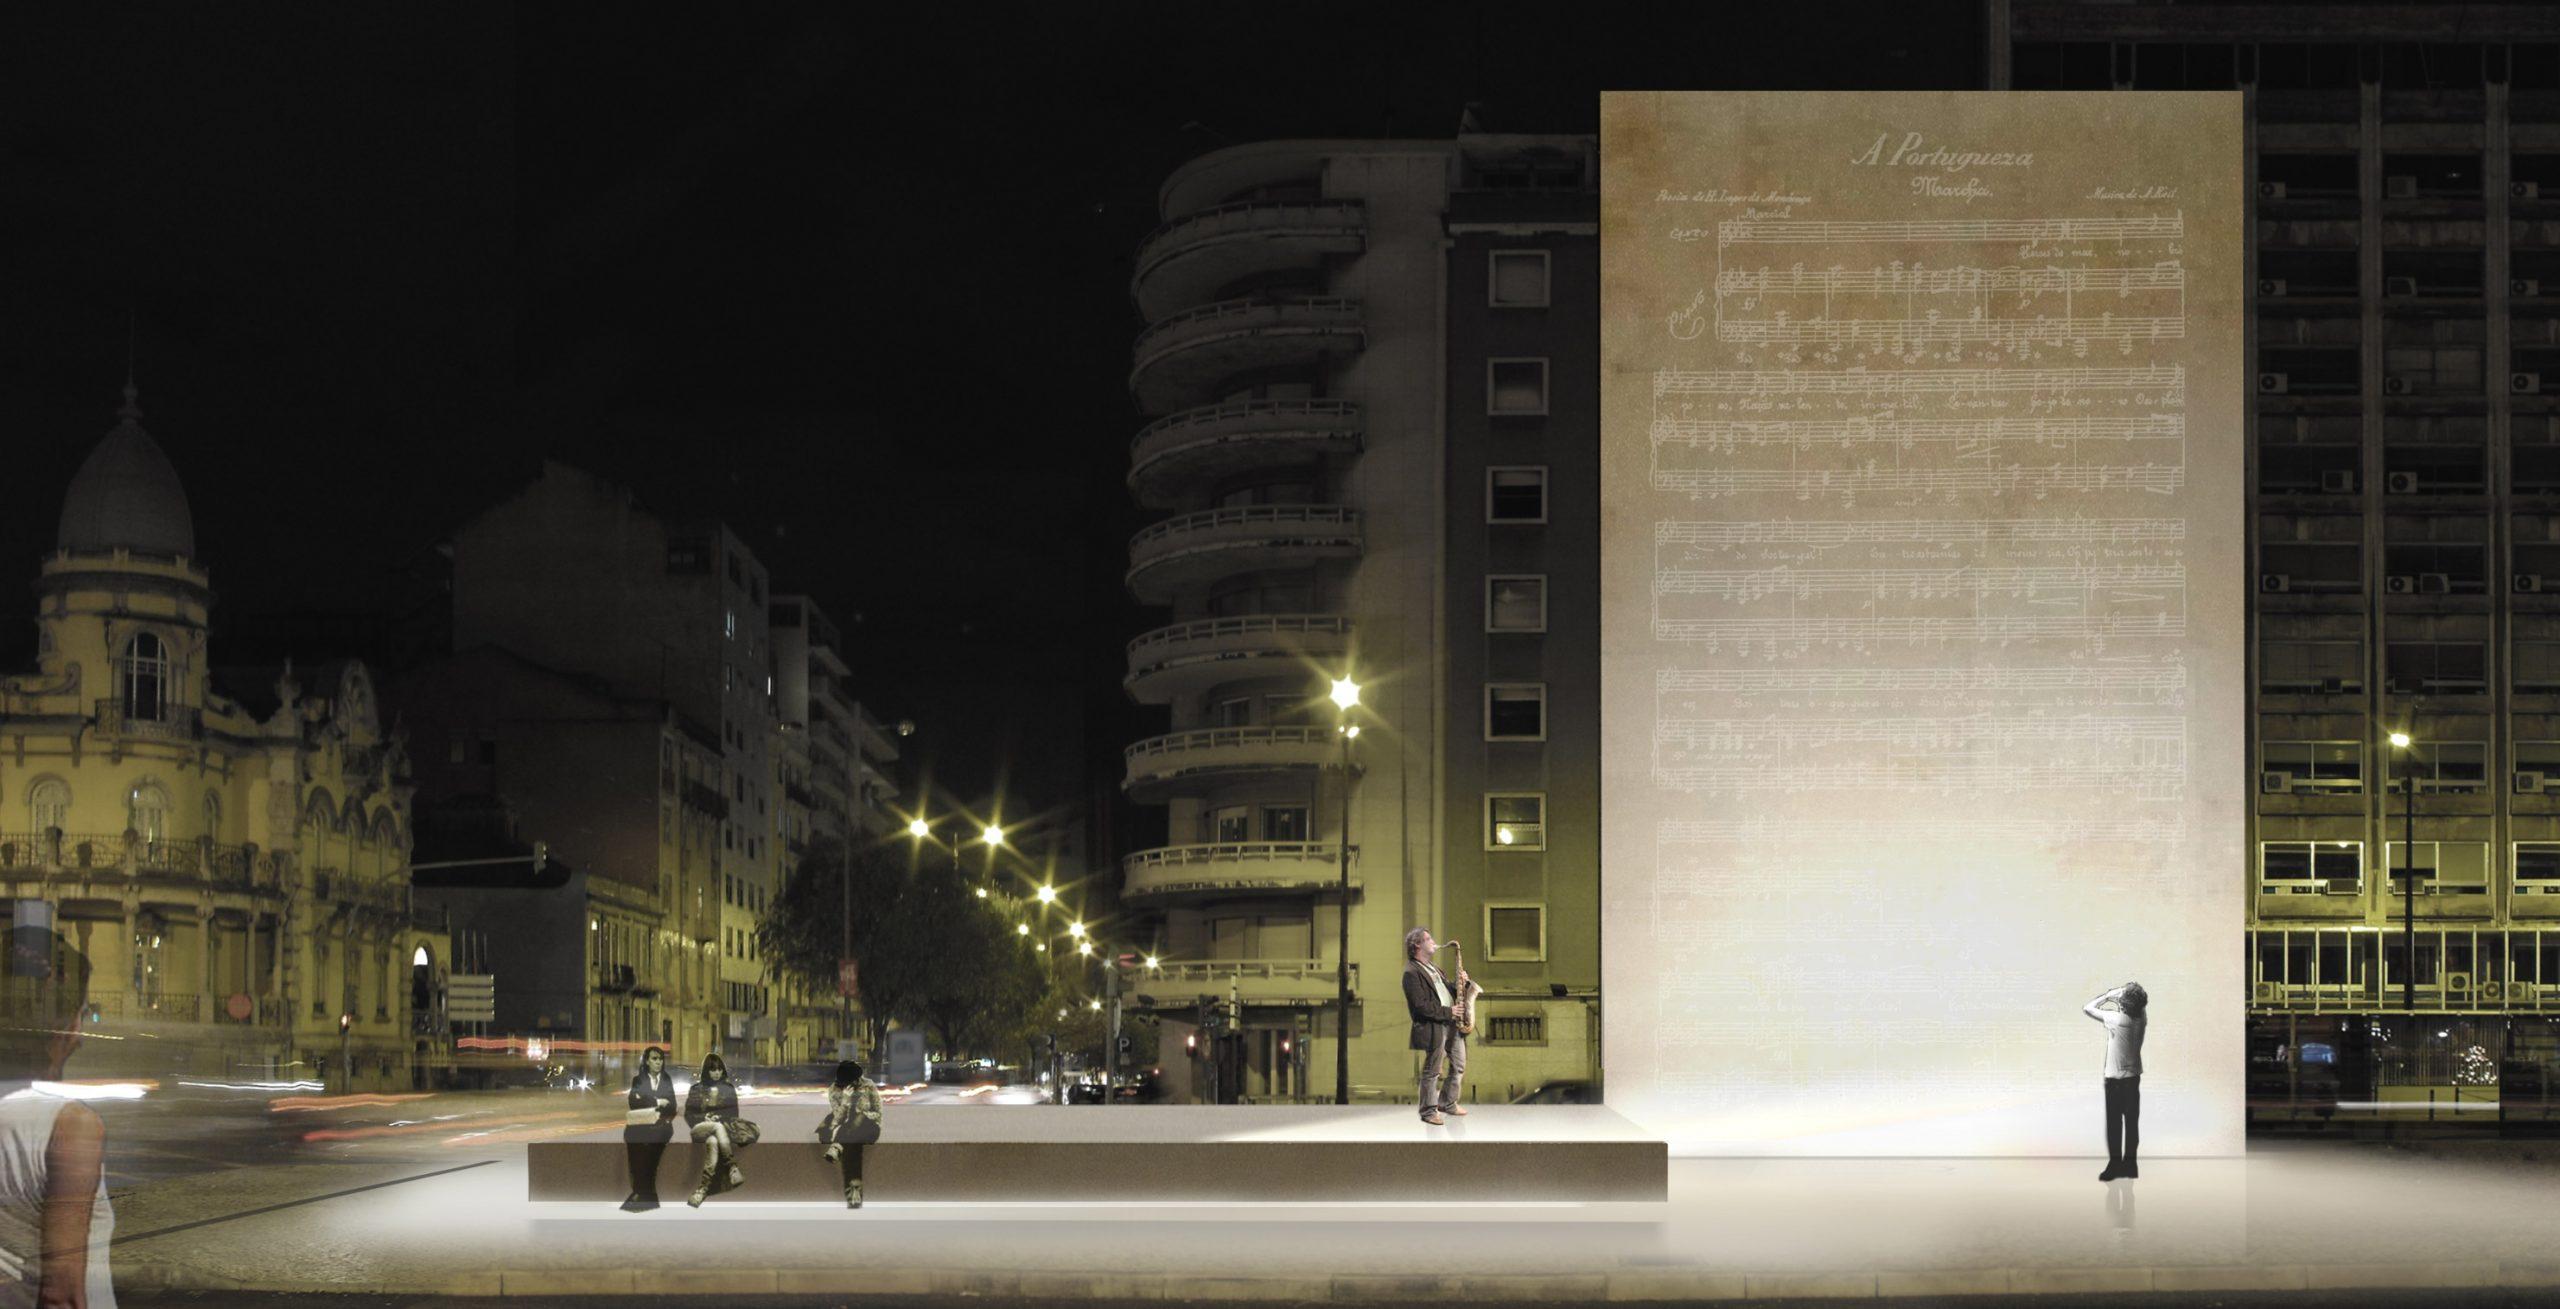 MONUMENTO À REPÚBLICA PORTUGUESA